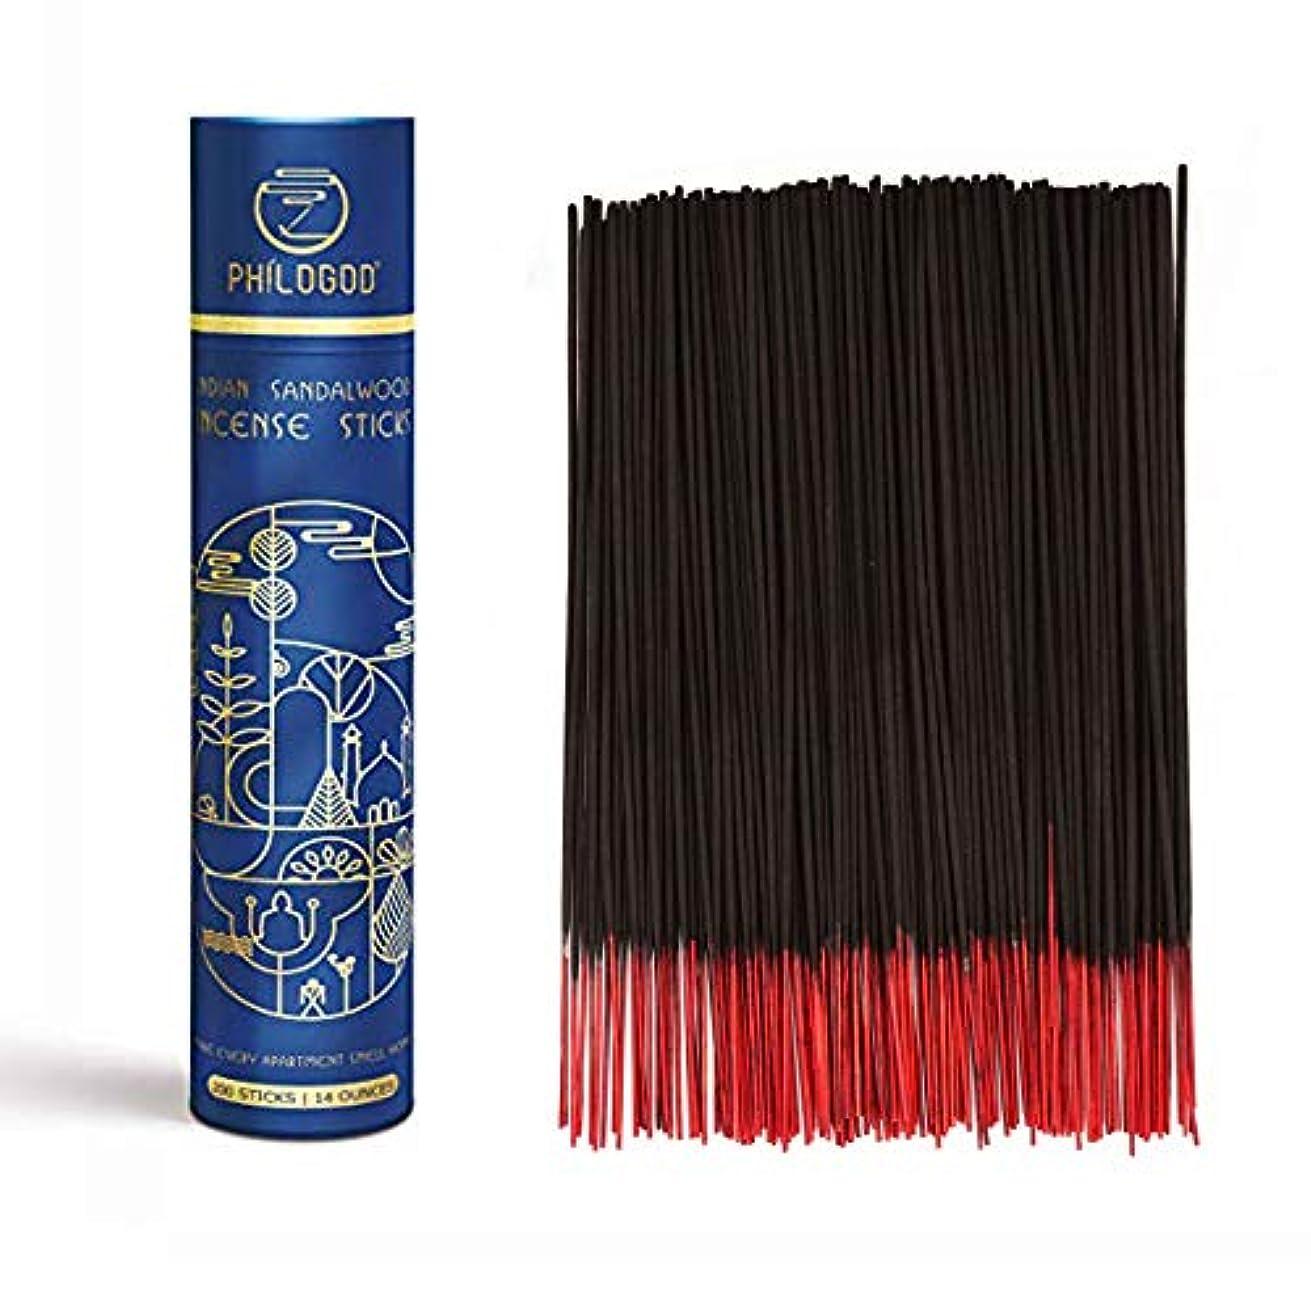 宇宙のきらめくリフレッシュ上質なインドお香スティック 手作り 100%ナチュラル 長続く線香 ヨガ瞑想 200本入れ (オリエンタル系)